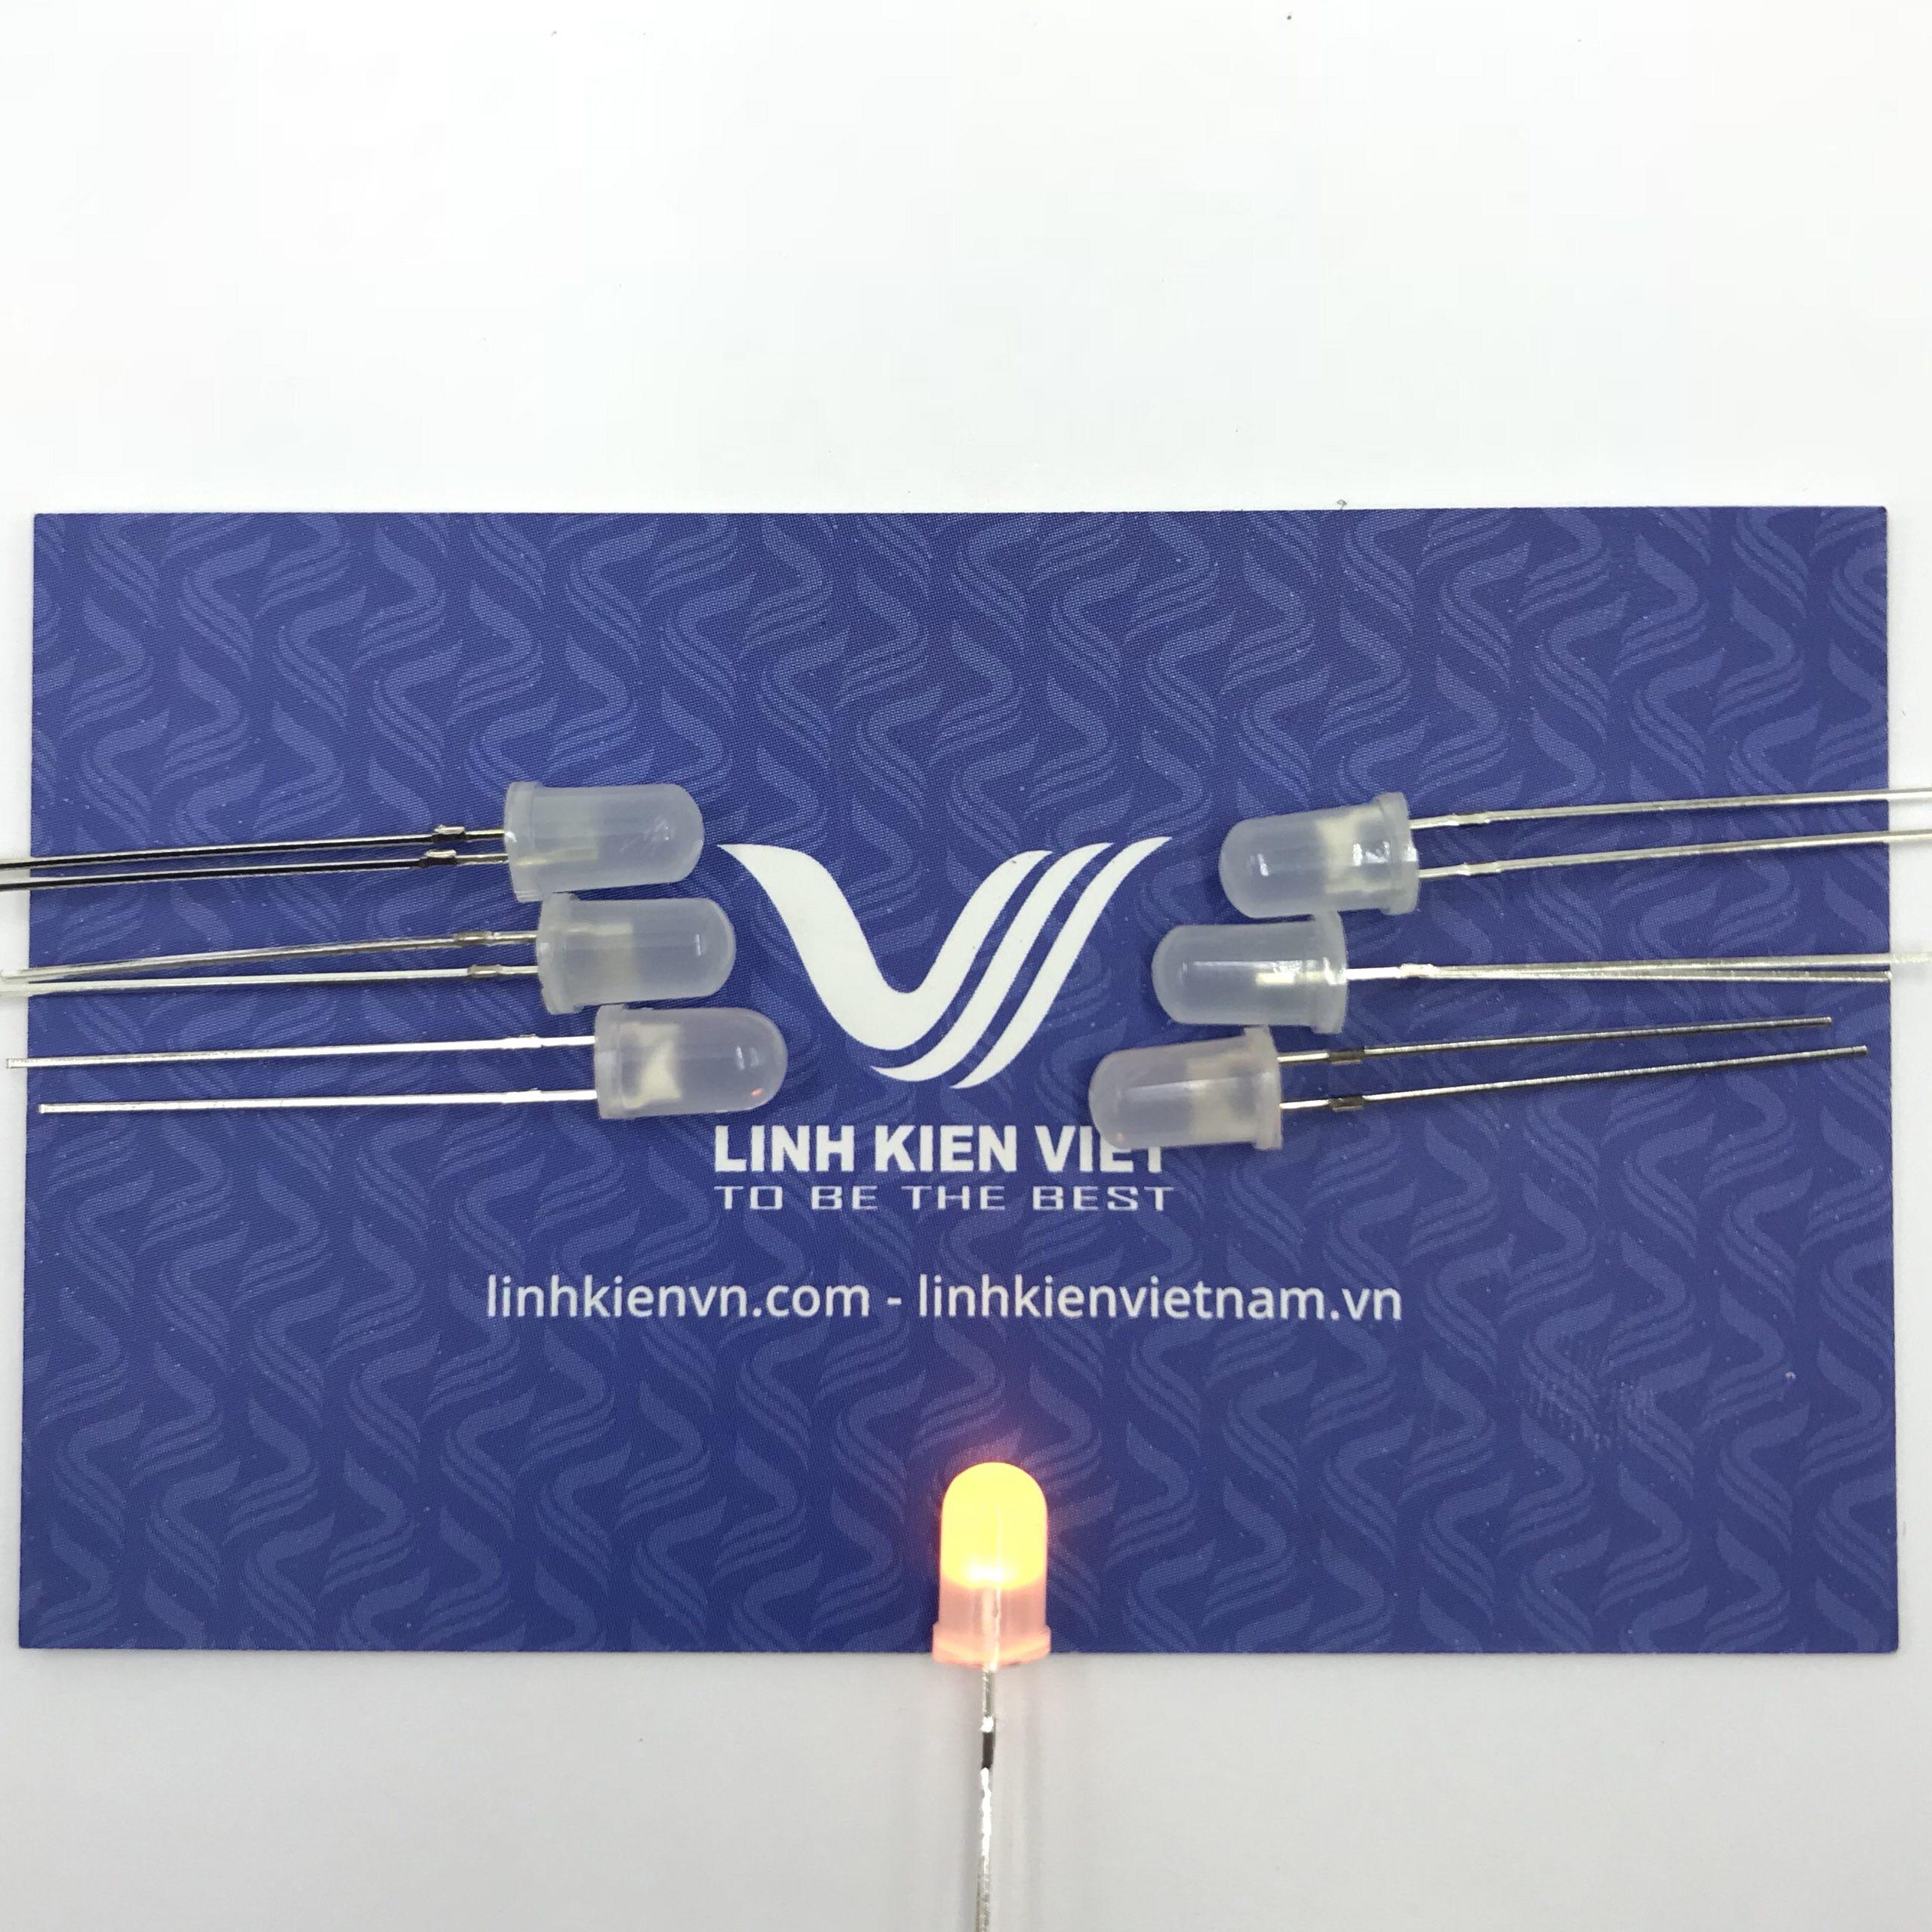 Led siêu sáng đục 5mm mầu vàng (10 chiếc) - A4H14 (KA2H1)